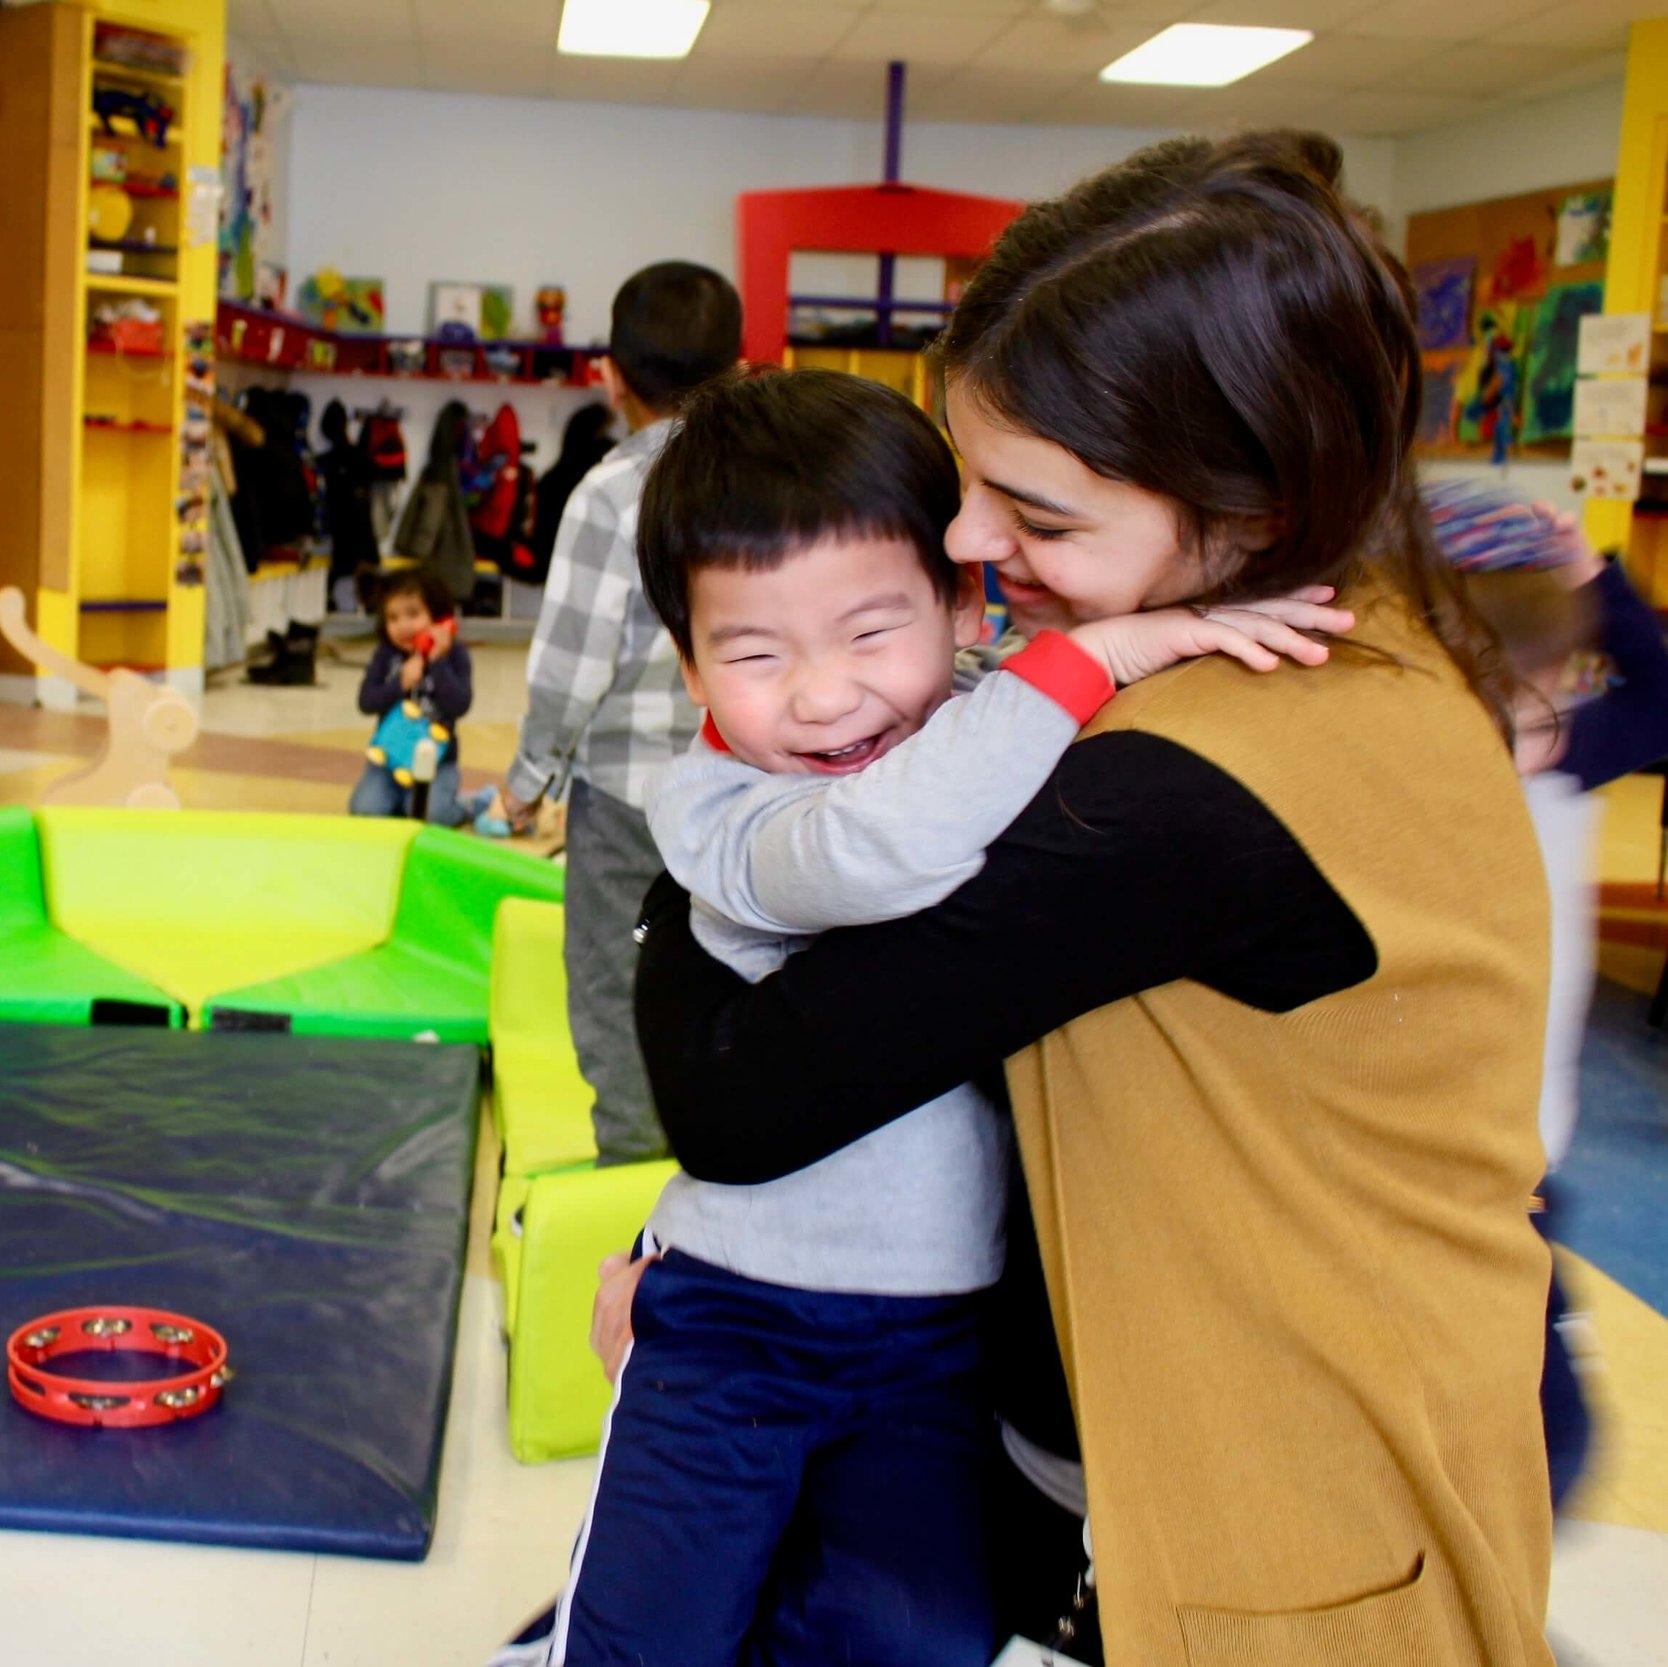 Groupe des tout-petits - Notre programme de thérapie et de jeu aide les enfants de 0 à 6 ans présentant des besoins particuliers.